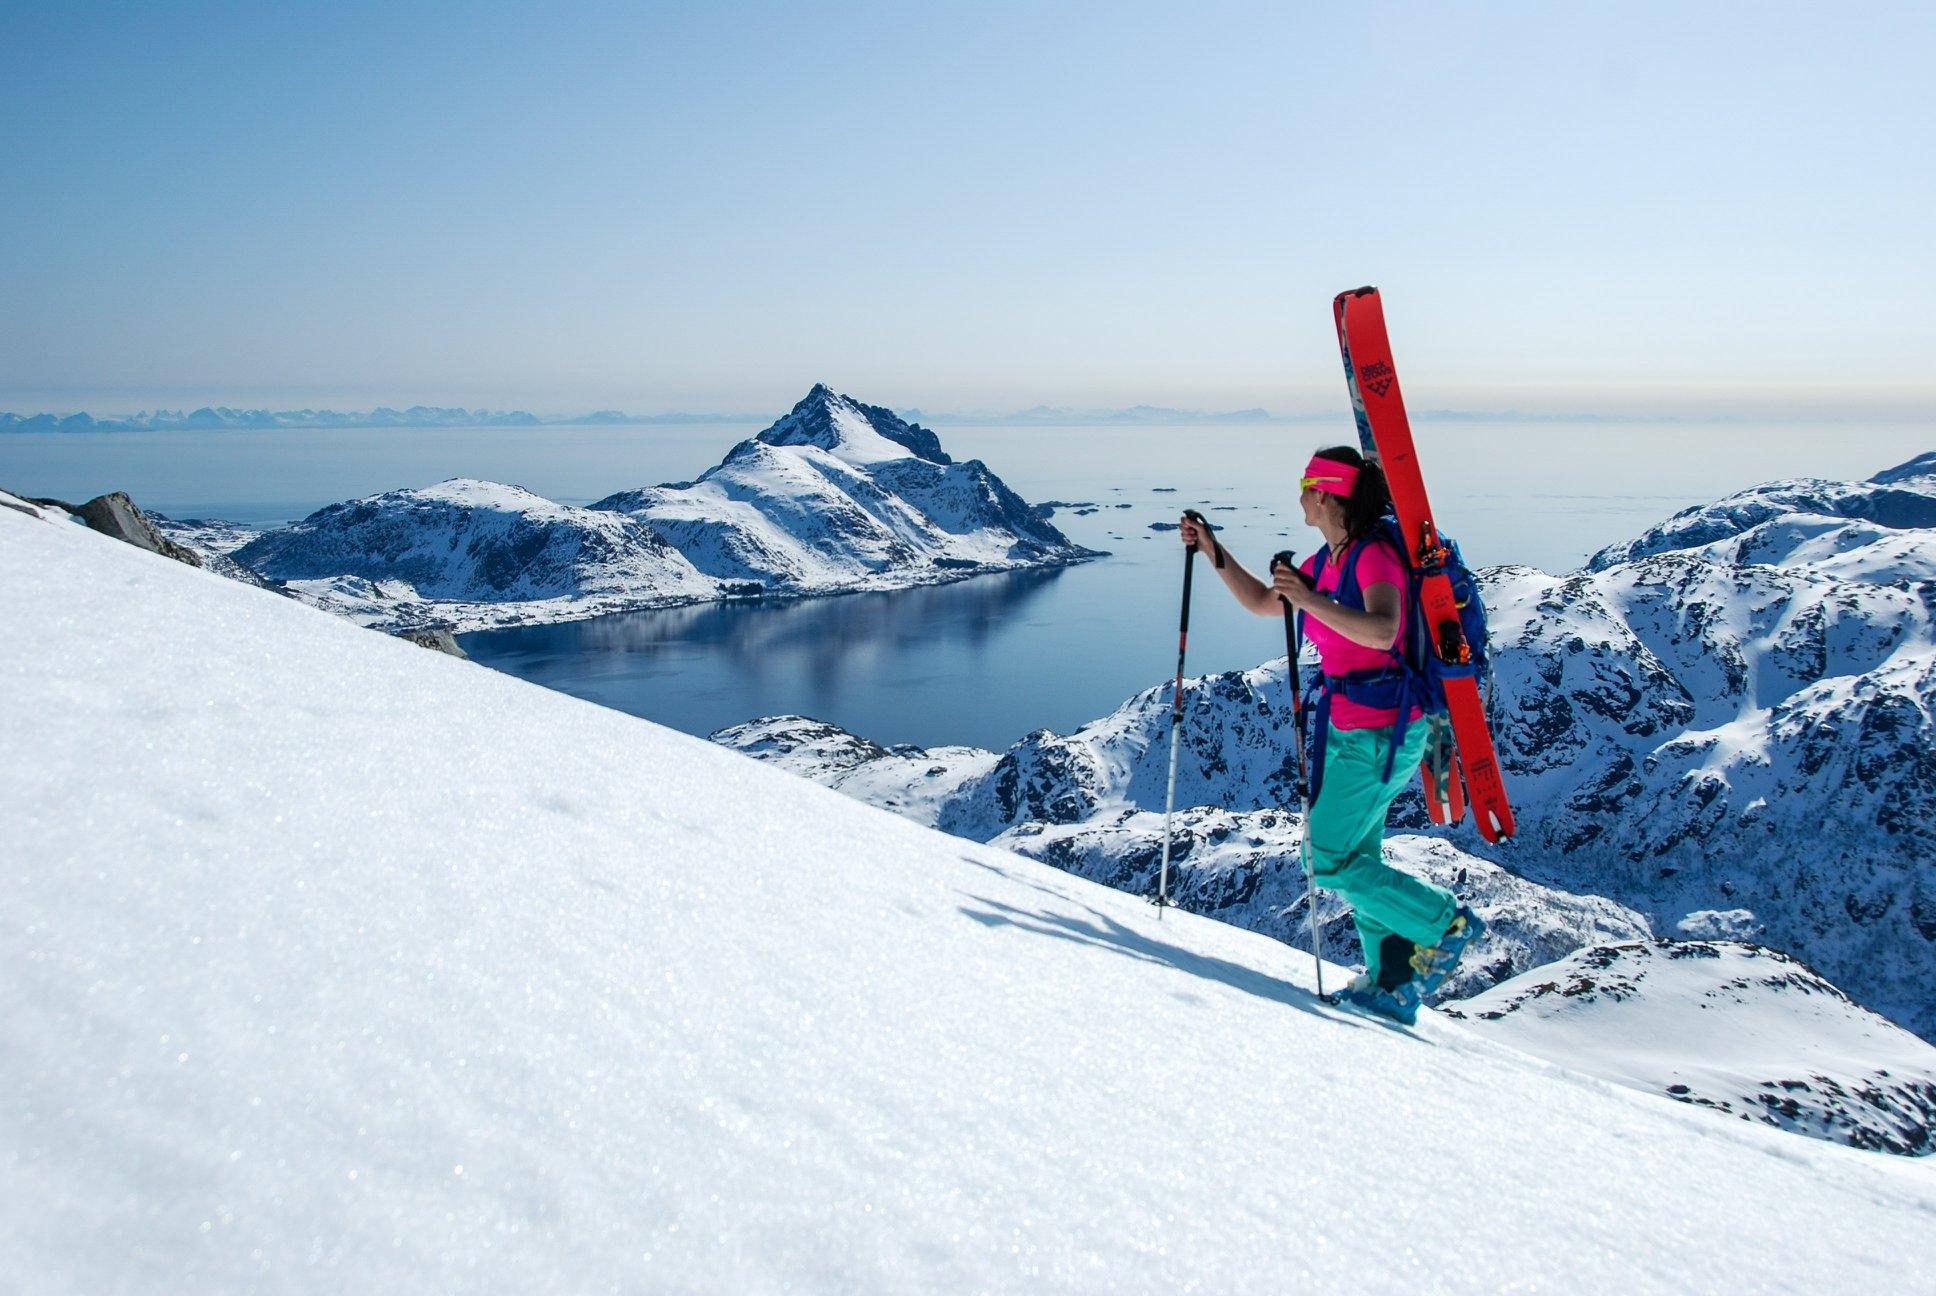 Zuzka ski 4